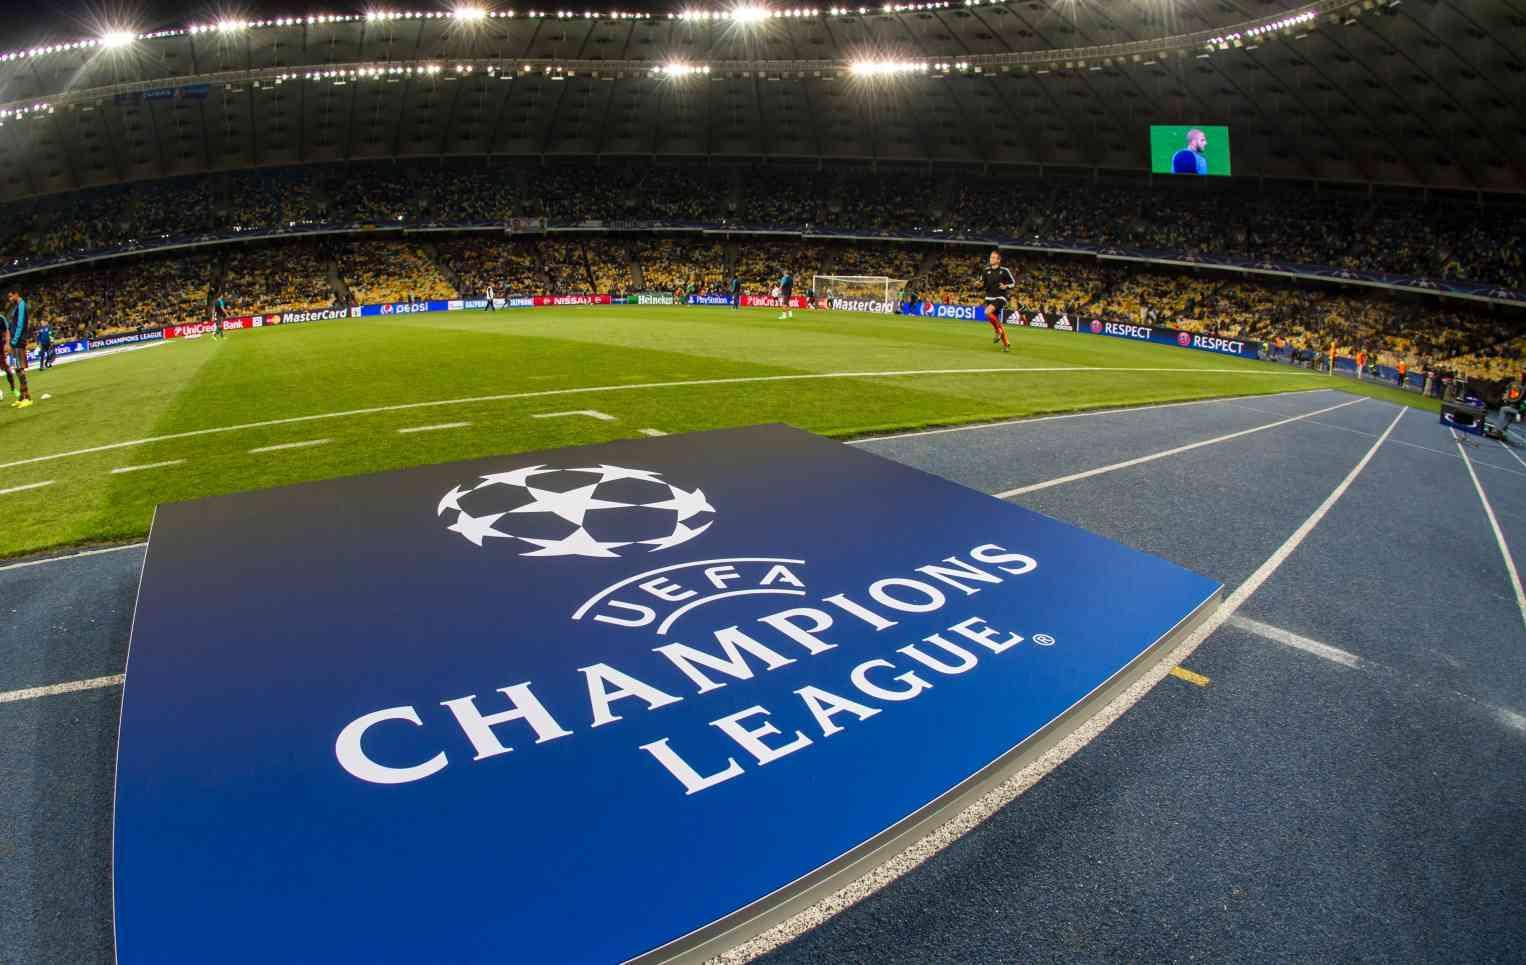 Los españoles gastan 3.000 euros al año en fútbol